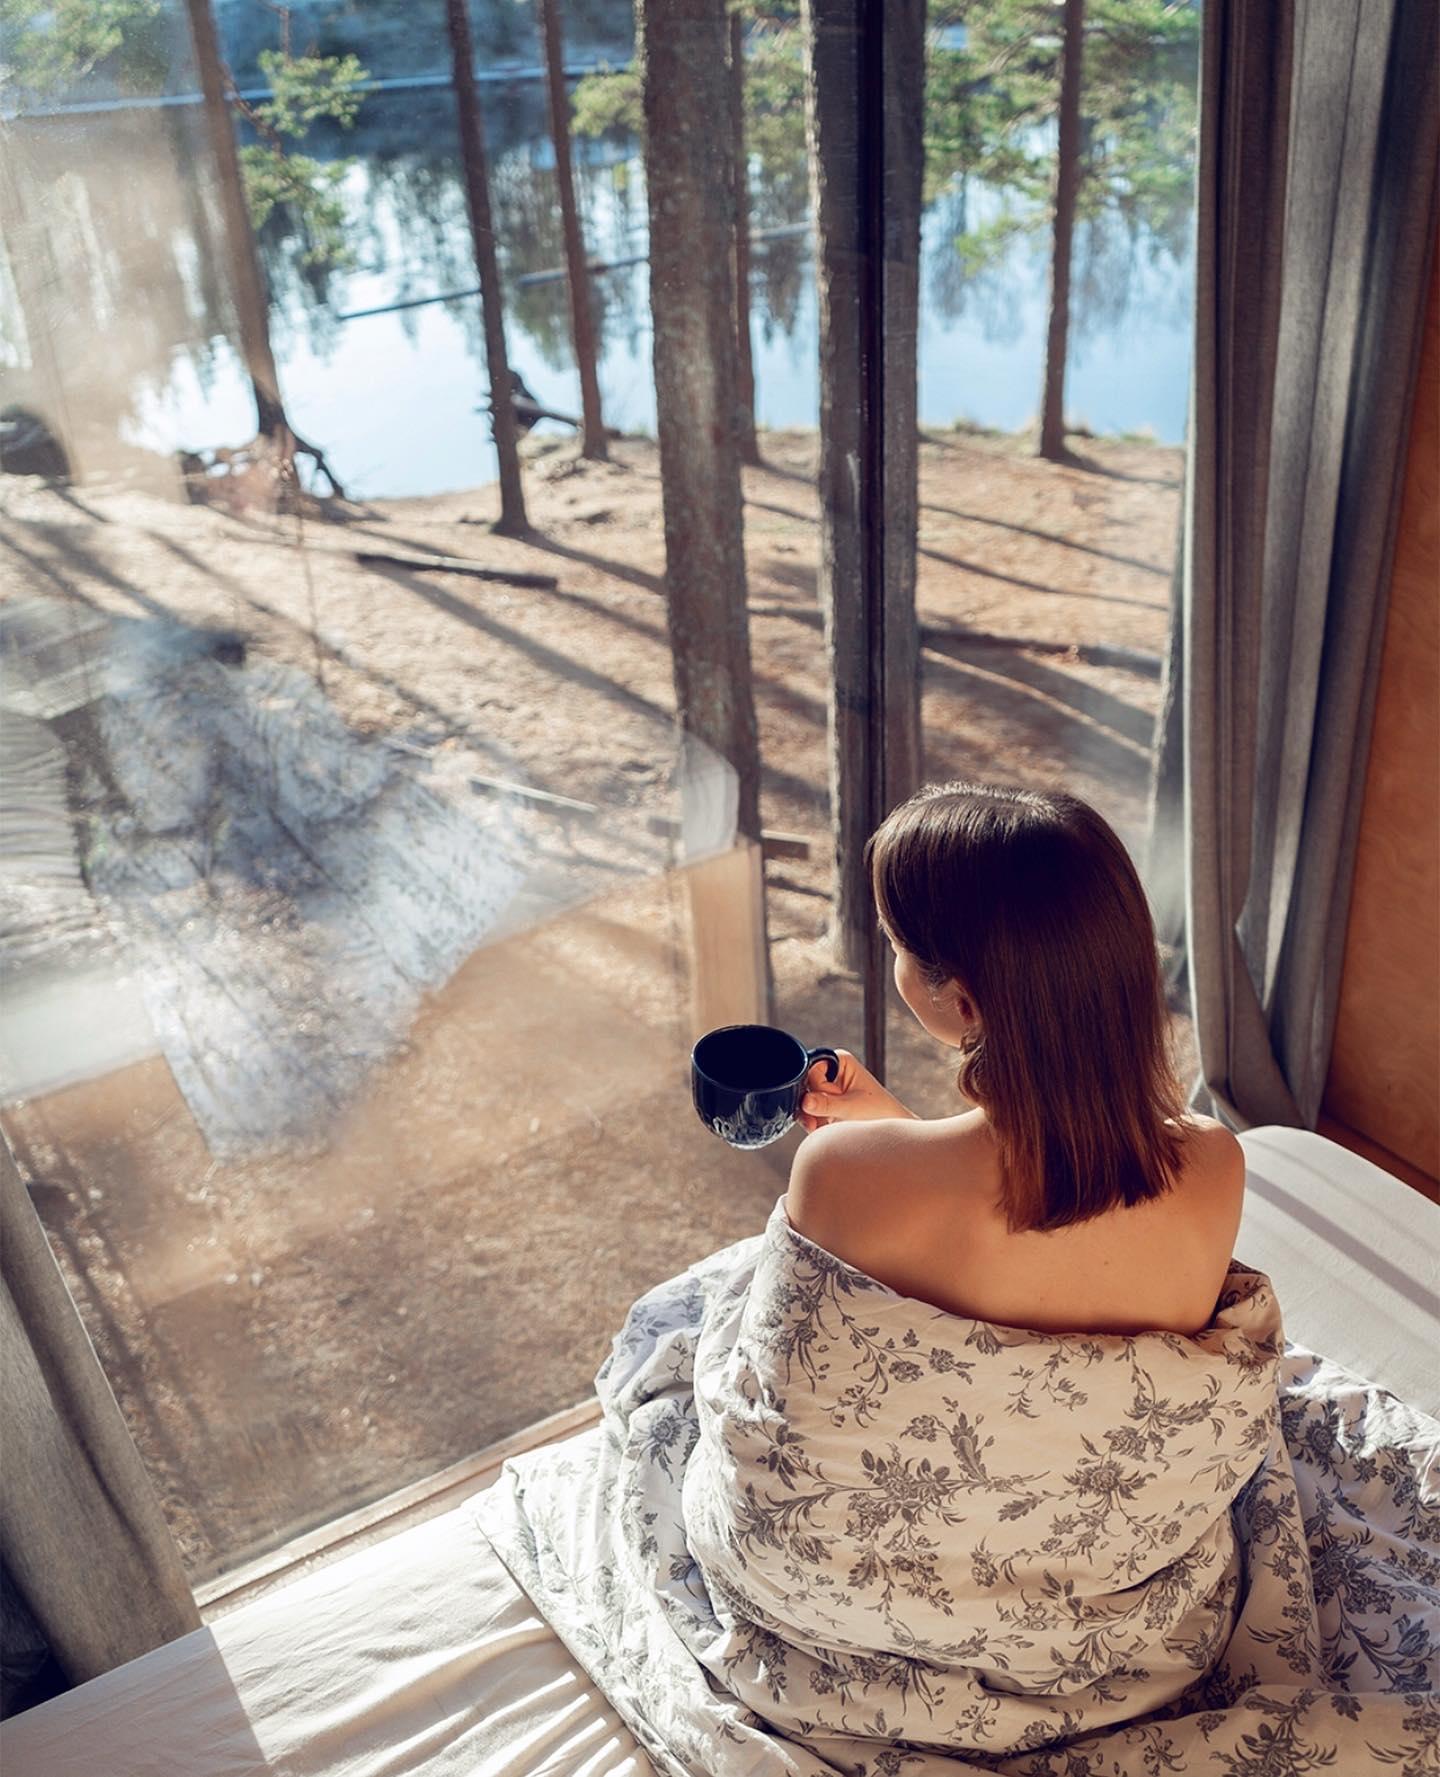 «Я, например, очень люблю, когда ввоскресенье идёт дождь. Как-то больше чувствуешь уют. Сидишь в своем доме, закутавшись в одеяло и смотришь как капли стекают по стеклу и шумит ветер в деревьях. Пьешь чай и чувствуешь себя абсолютно счастливым.» (с)  Друзья, для всех, кто решил устроить себе мини-отпуск, дарим скидку 10% при аренде Треугольного коттеджа на четыре будних дня с 7 по 11 или с 14 по 18 декабря🌲️  Бронирование на нашем сайте по ссылке в шапке профиля🏻  Фото: @kristina_tolsh📸  Подписывайтесь на наш аккаунт @greenvald_park, чтобы следить за новостями, акциями и предложениями